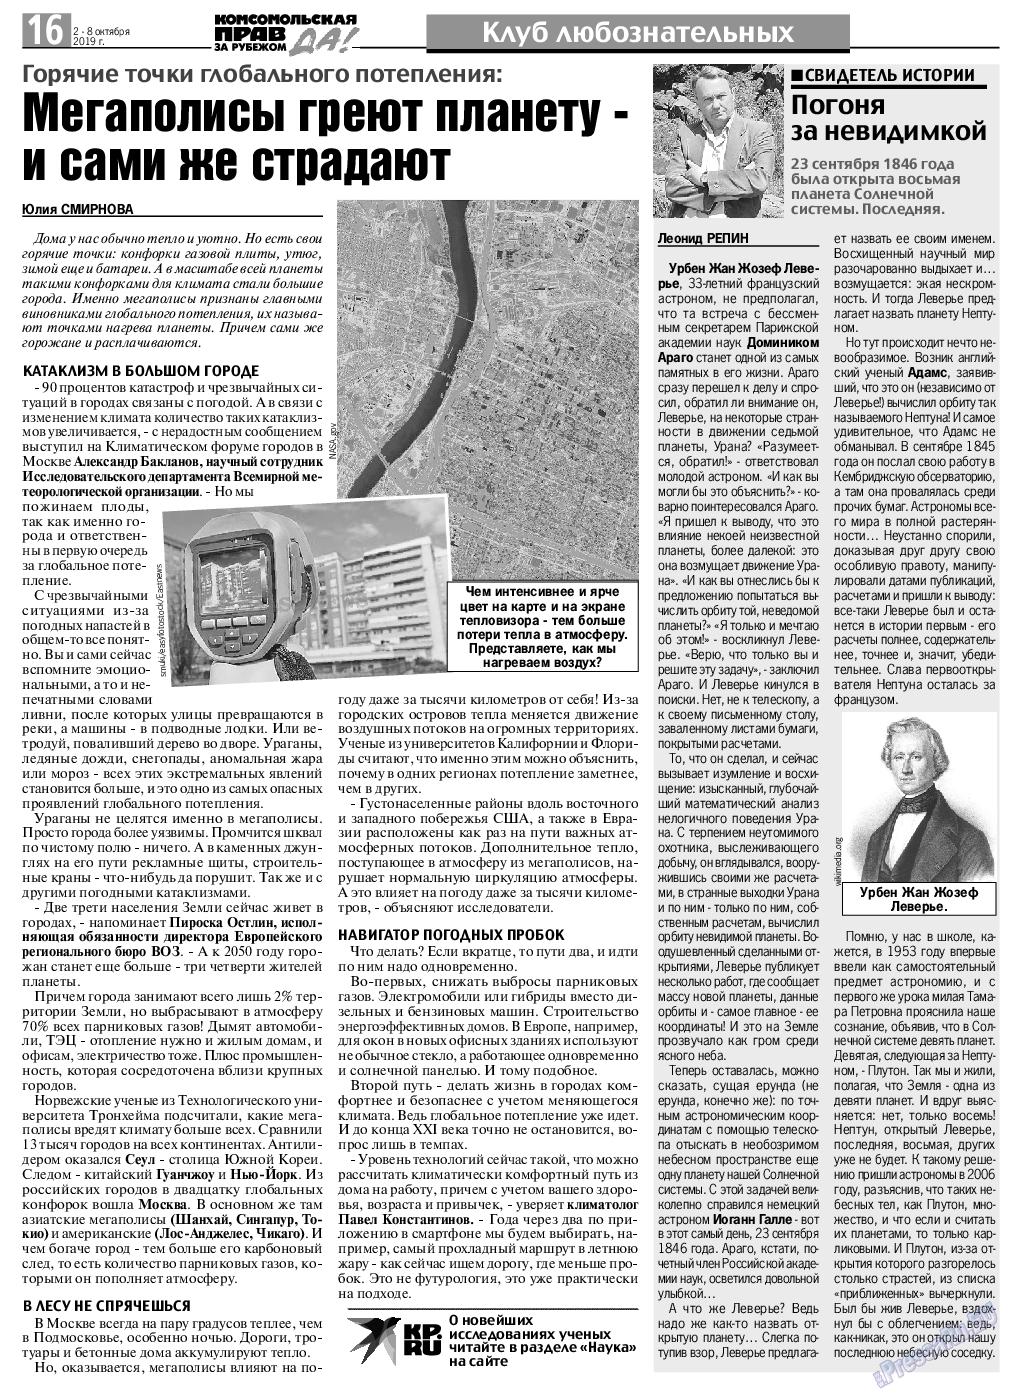 КП в Европе (газета). 2019 год, номер 40, стр. 16